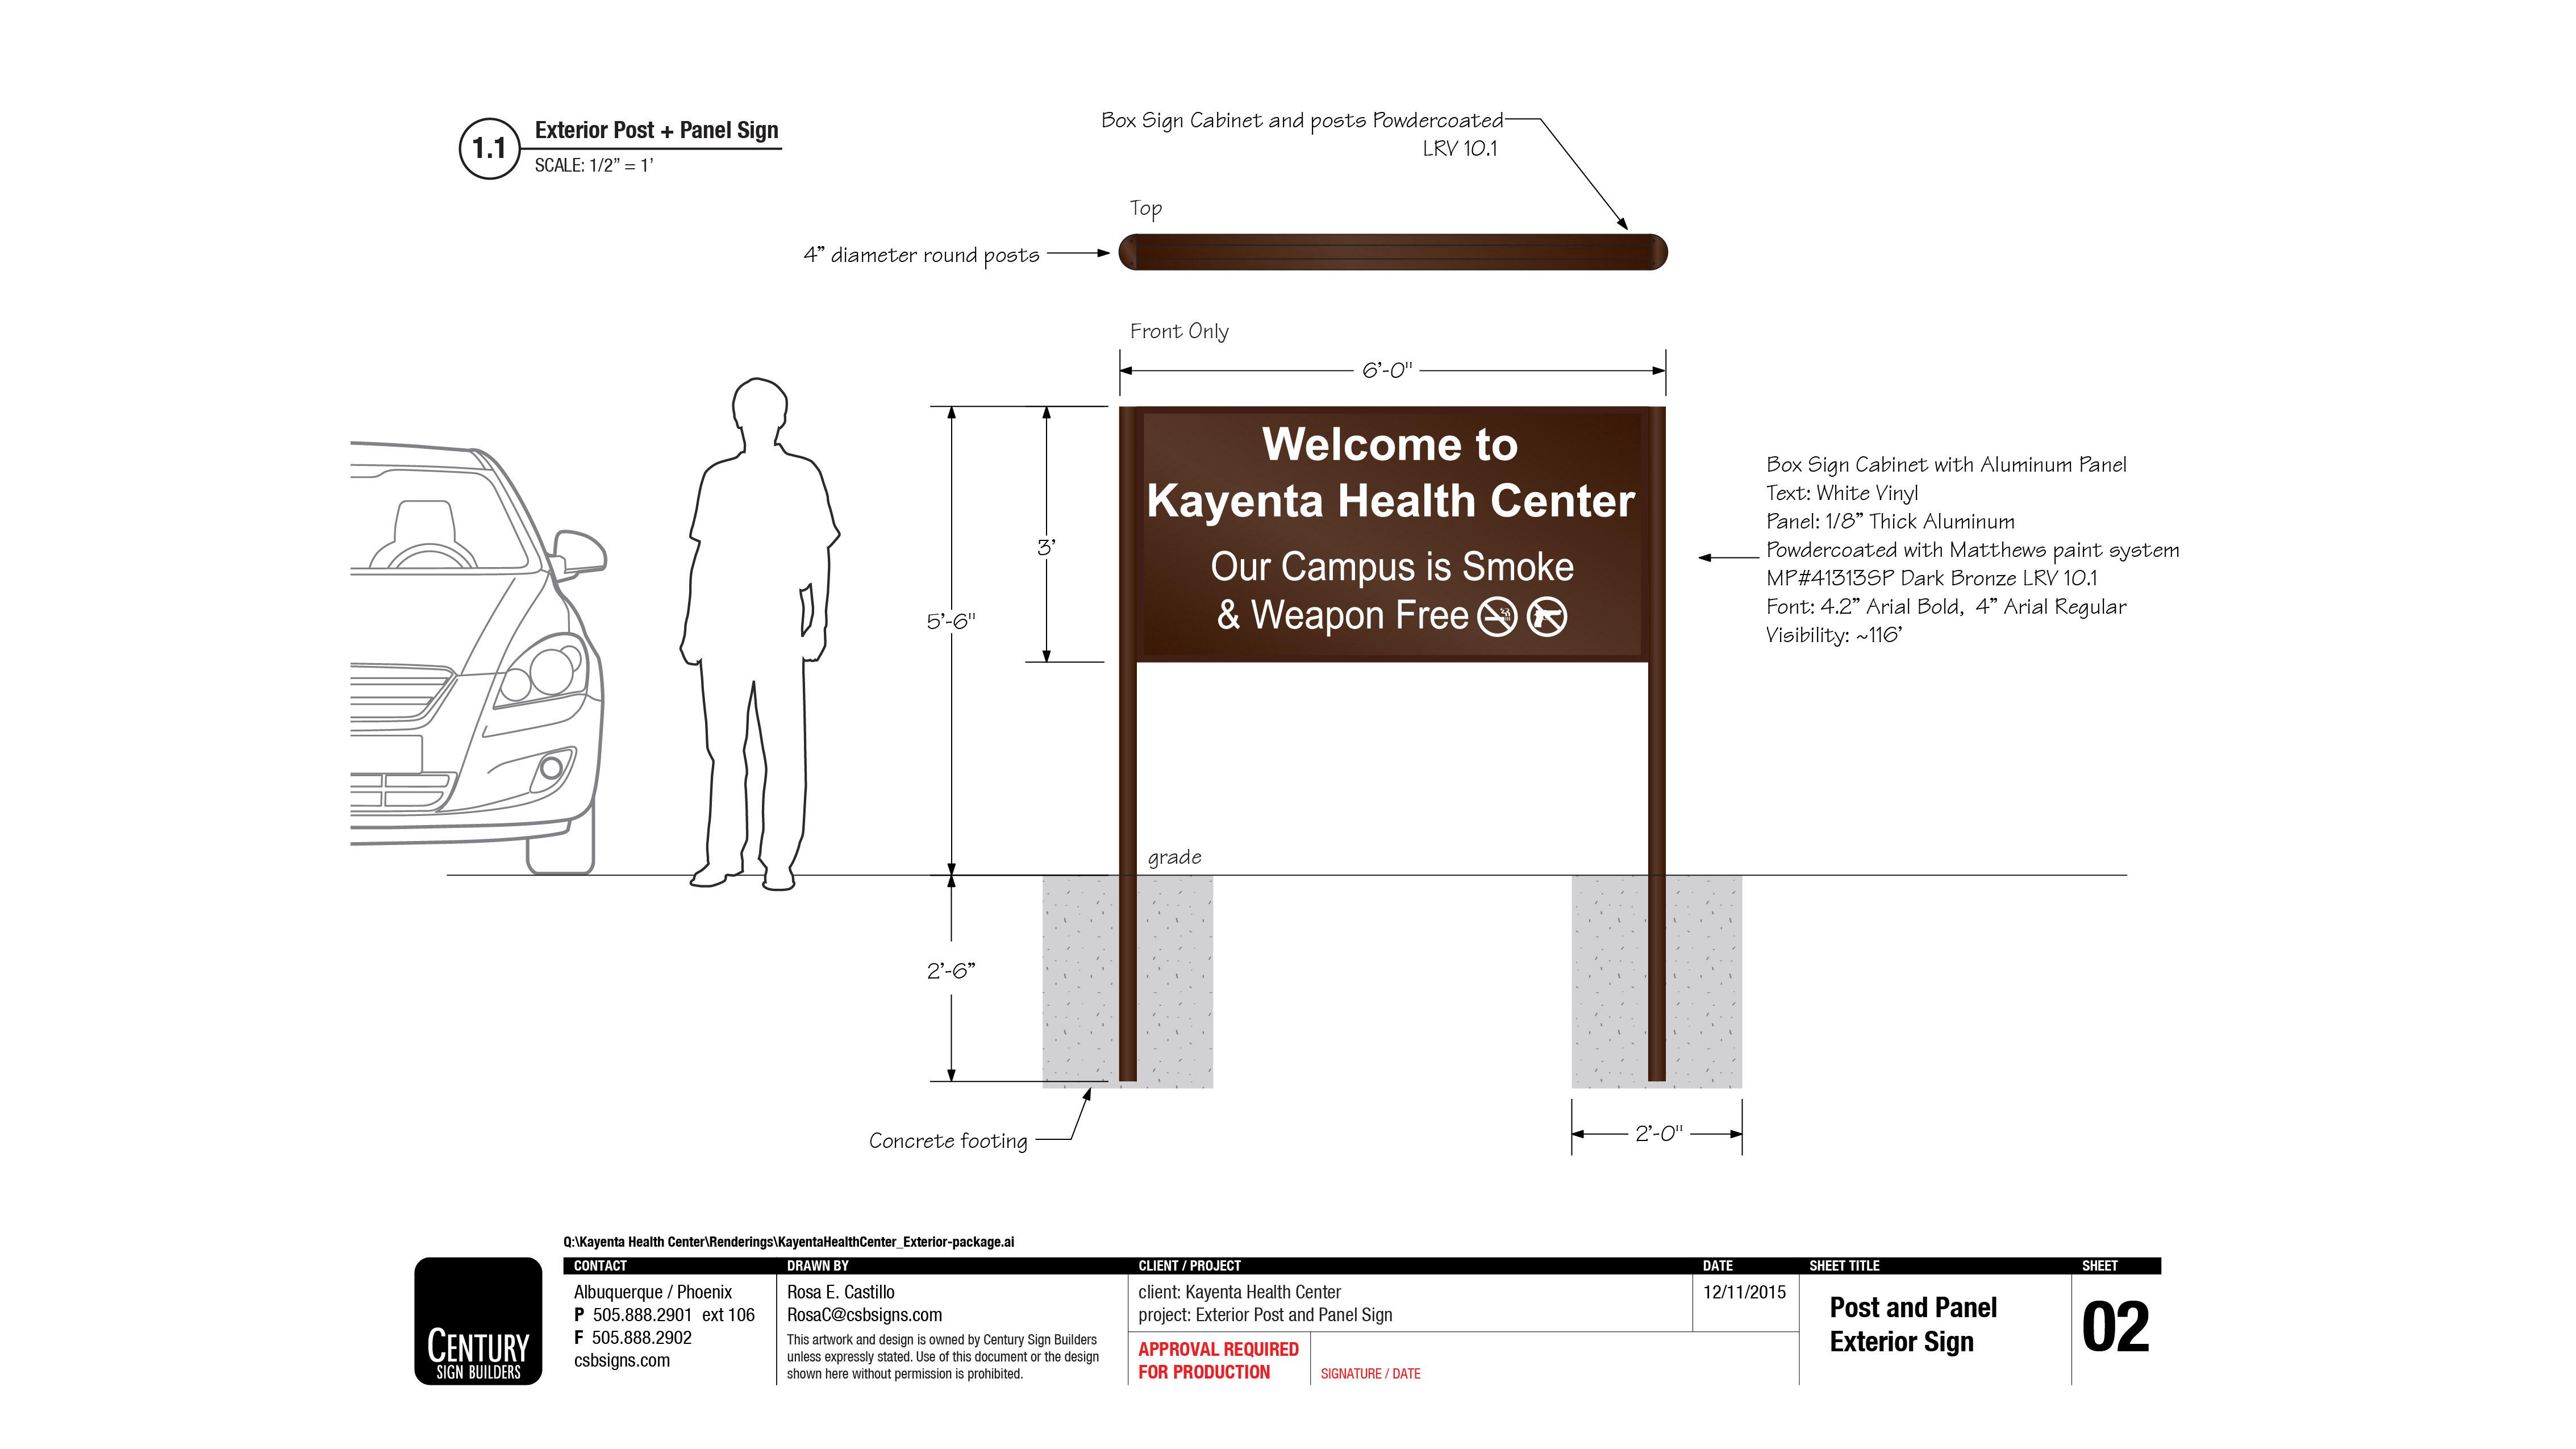 Kayenta Health Center